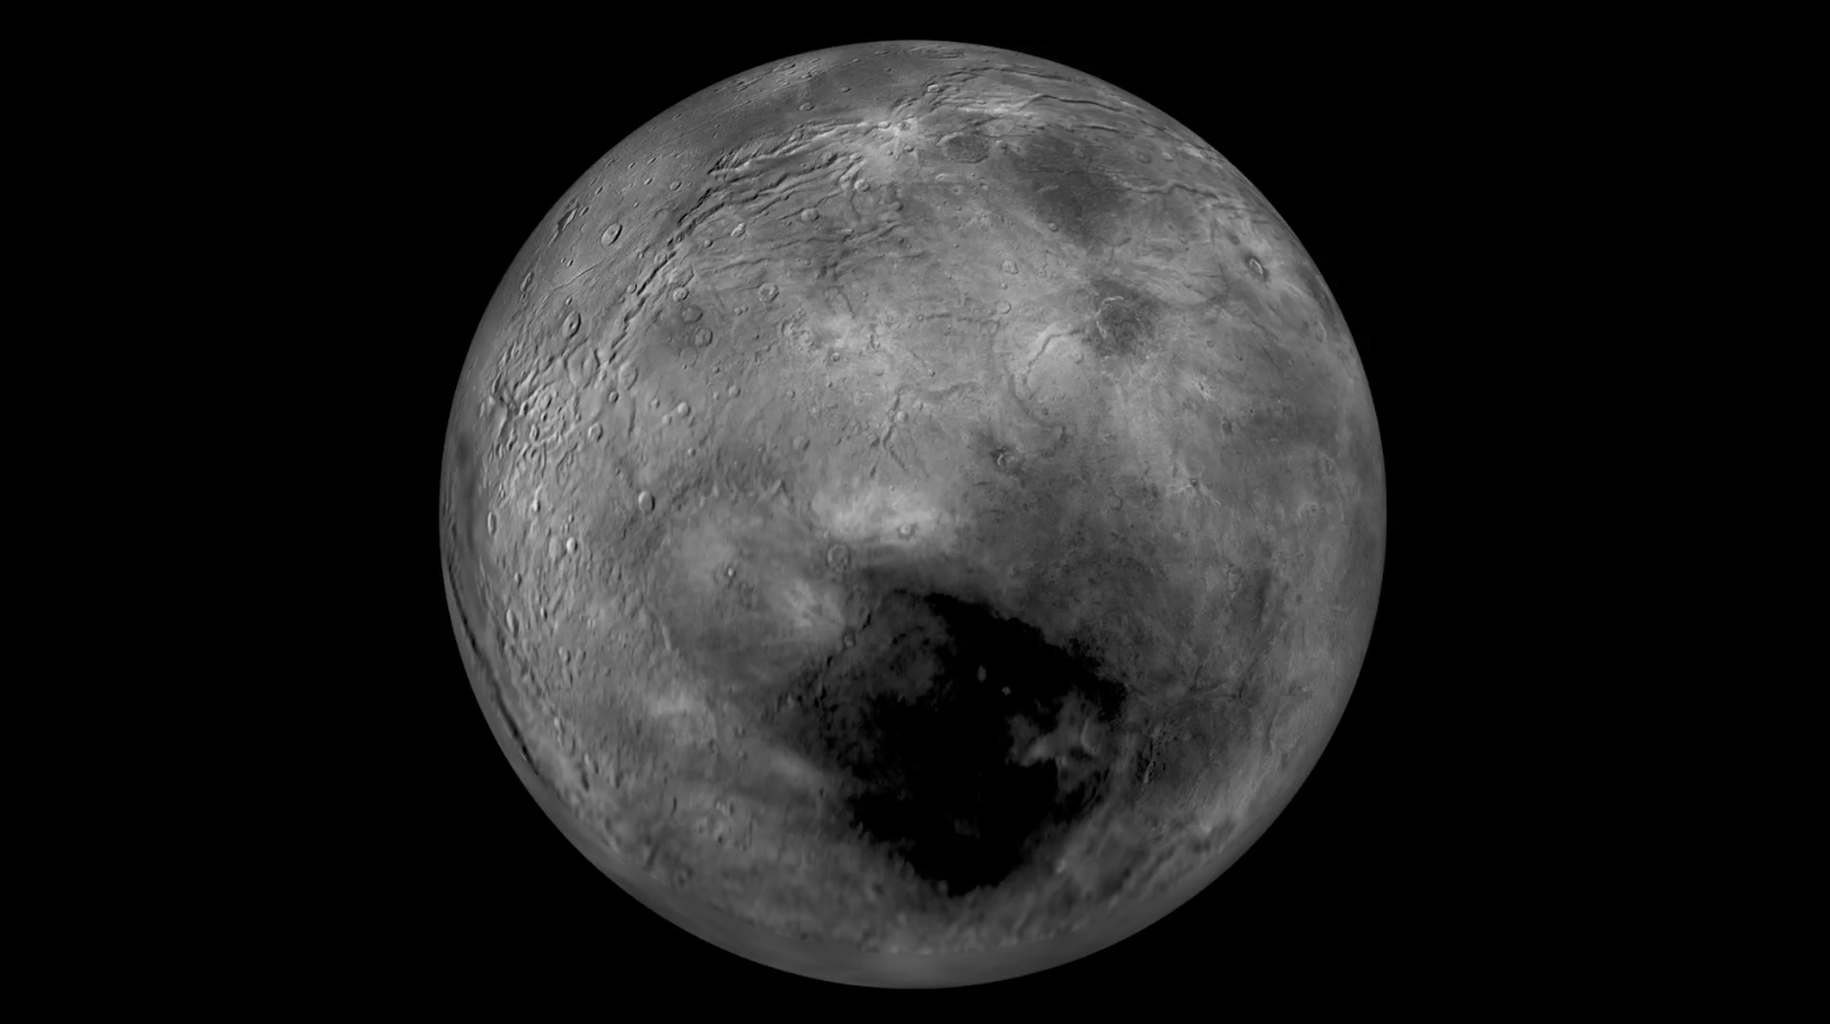 Charon Moon: Flying Over Charon